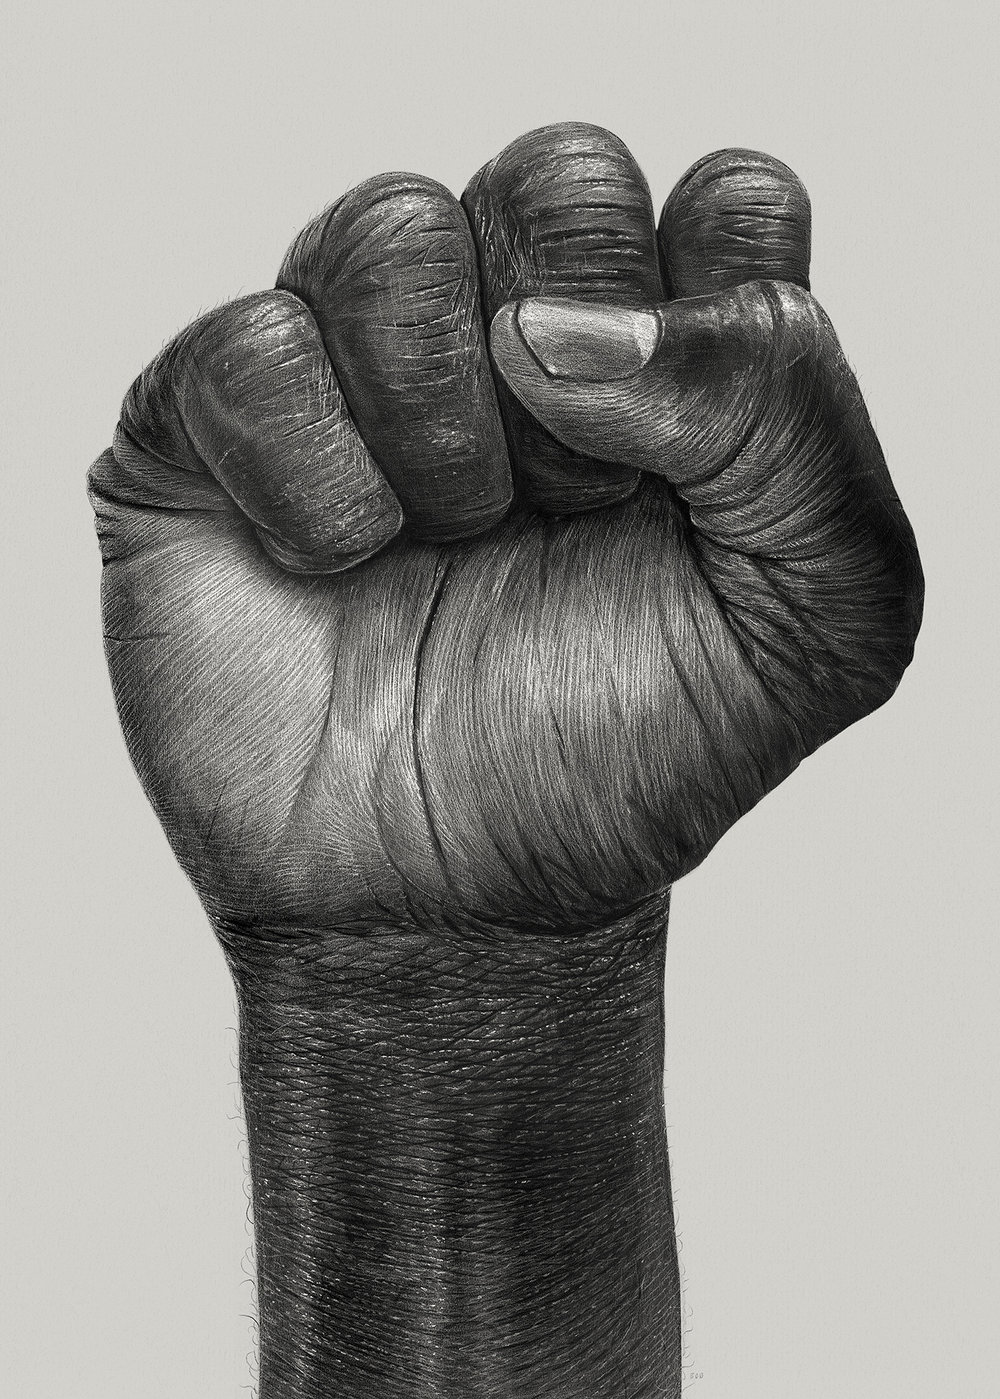 Raised_fist.jpg